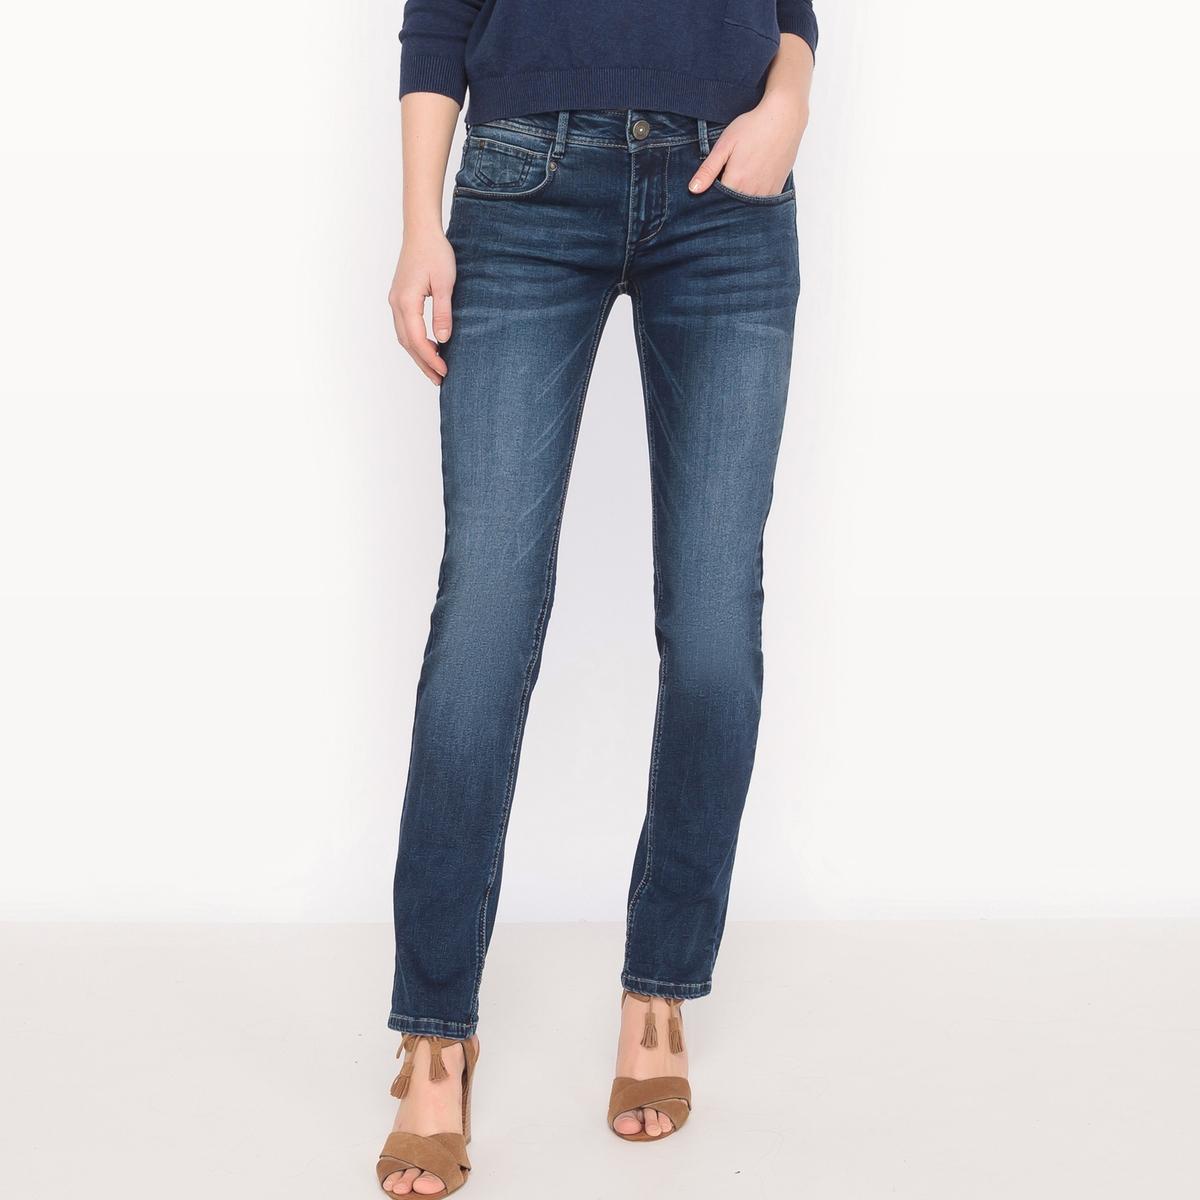 Джинсы прямые CHARLIE, стандартная высота поясаМатериал : 90% хлопка, 8% эластомультиэстера, 2% эластана            Высота пояса : стандартная          Покрой джинсов : классический, прямой          Длина джинсов : длина 32<br><br>Цвет: синий потертый,синий<br>Размер: 24 длина 32.24 длина 32.30 (US) длина 32